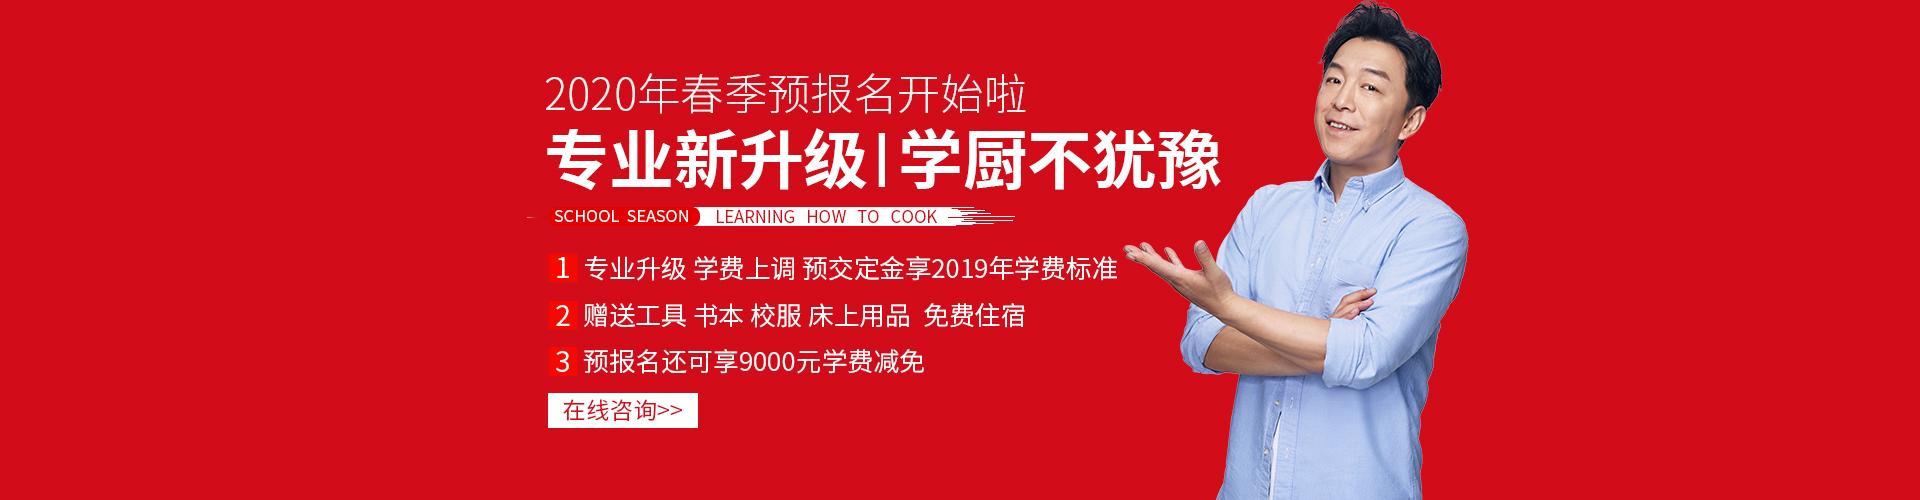 春招预报名_青海新东方烹饪学校